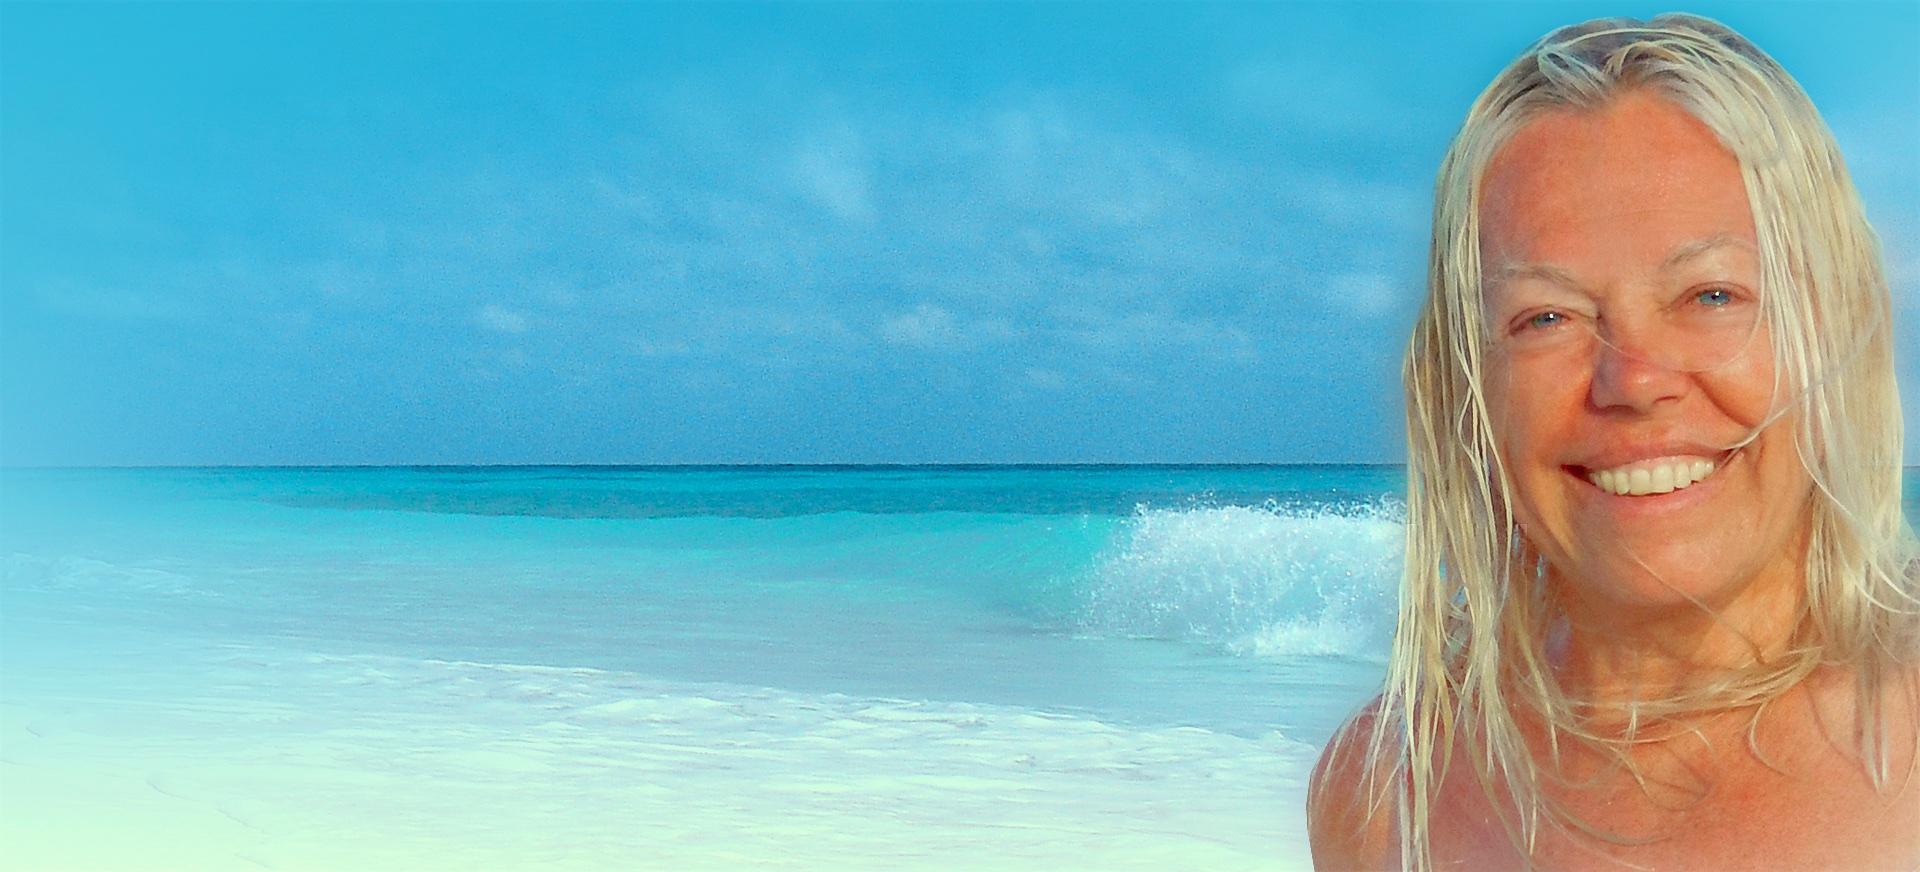 Soy una novelista viajera viviendo en una isla mágica…